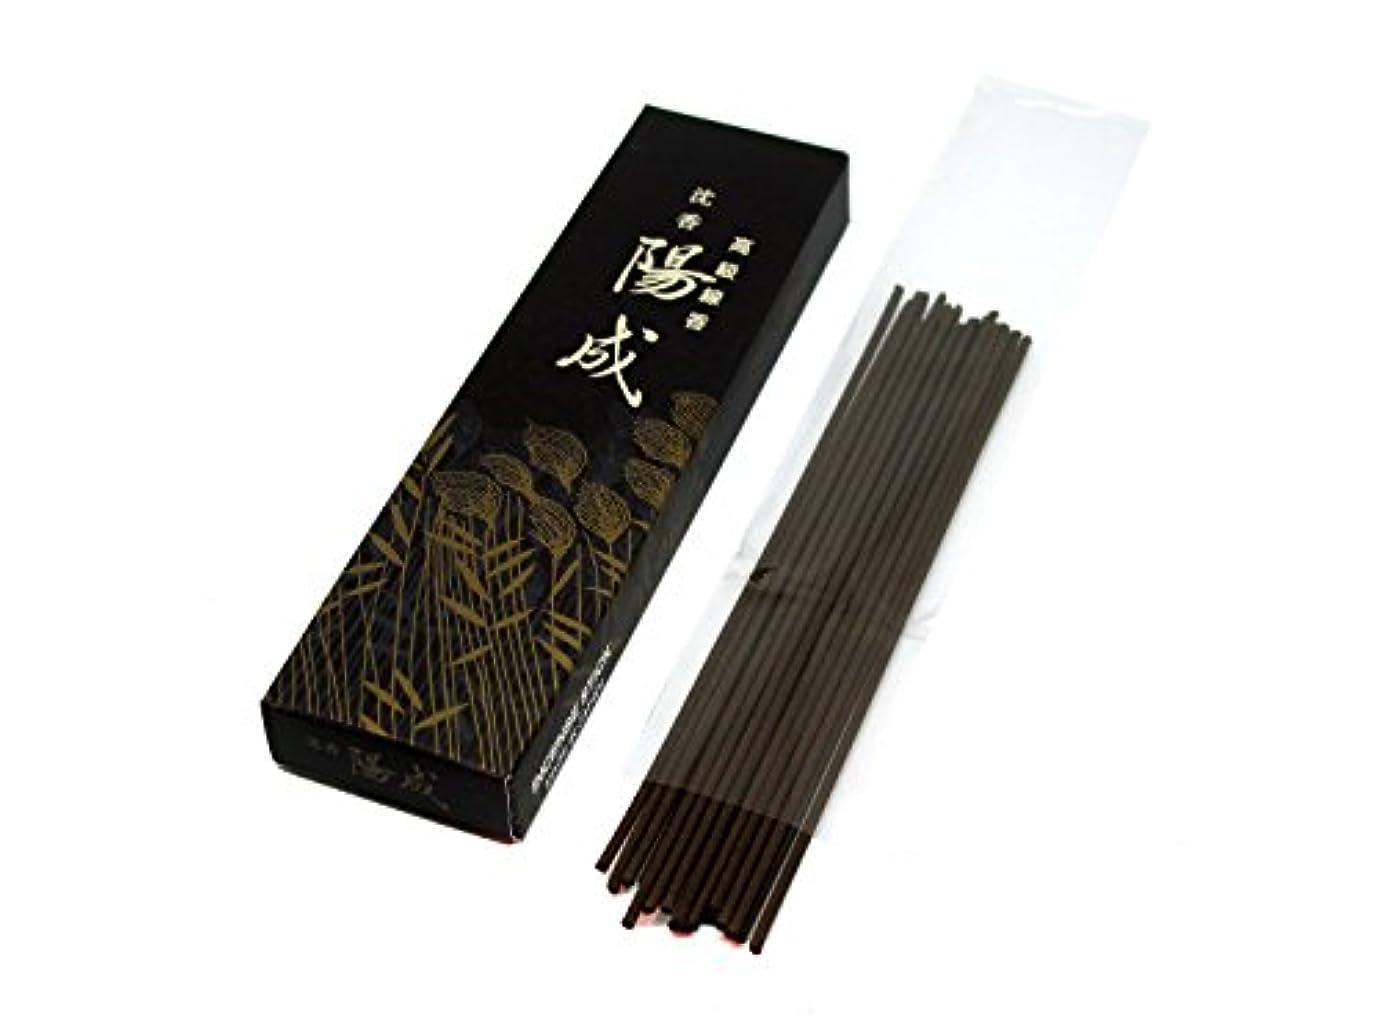 限られた才能とは異なりgyokushodo Agarwood / Aloeswood / Oud Japanese Incense Sticks jinko yozeiスモールパックトライアルサイズ5.5インチ20 Sticks日本製